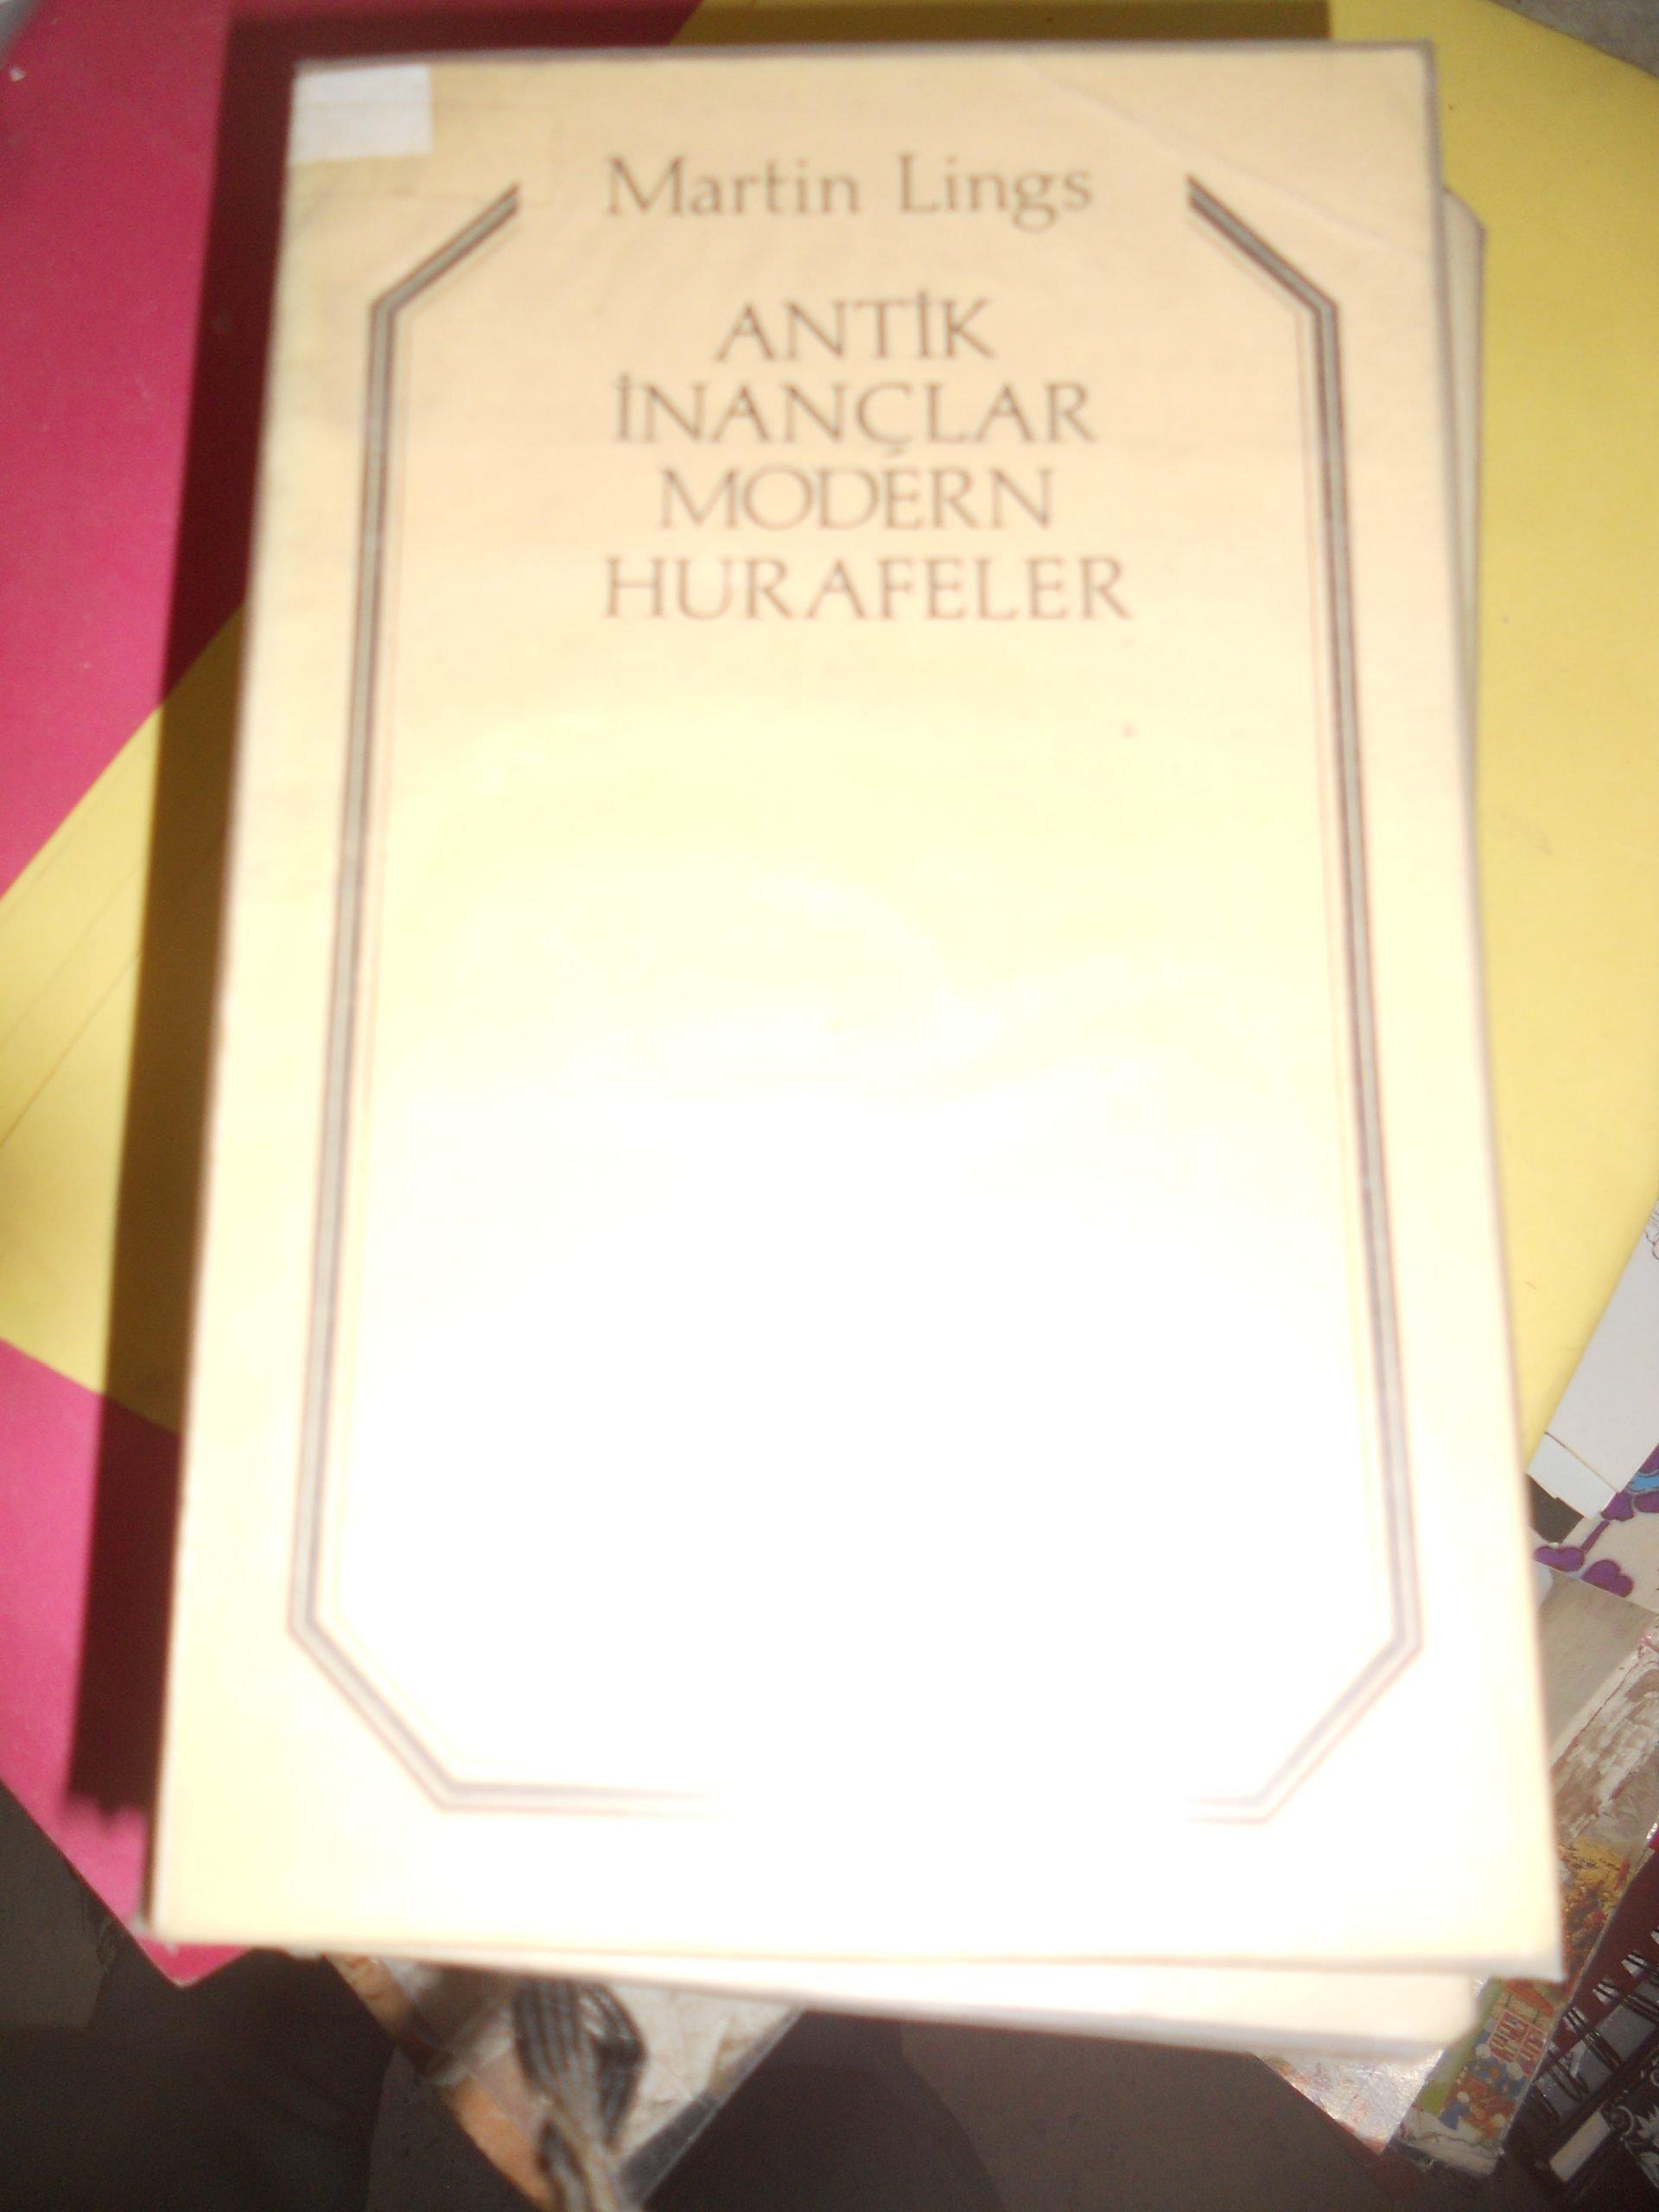 ANTİK İNANÇLAR MODERN HURAFELER/Martin lings/15 TL